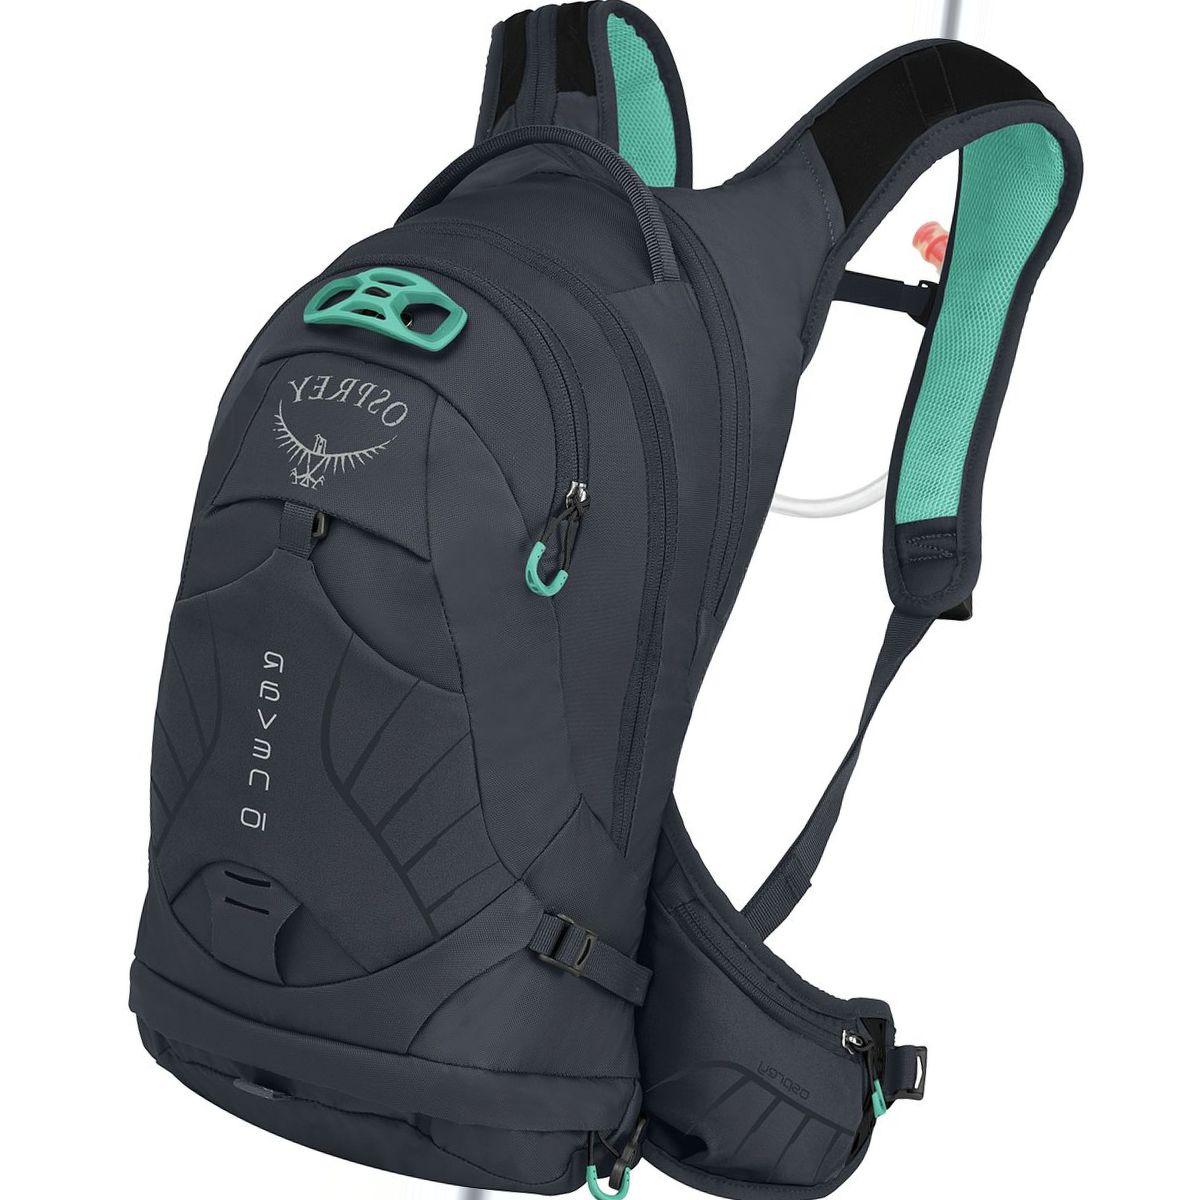 Osprey Packs Raven 10L Backpack - Women's